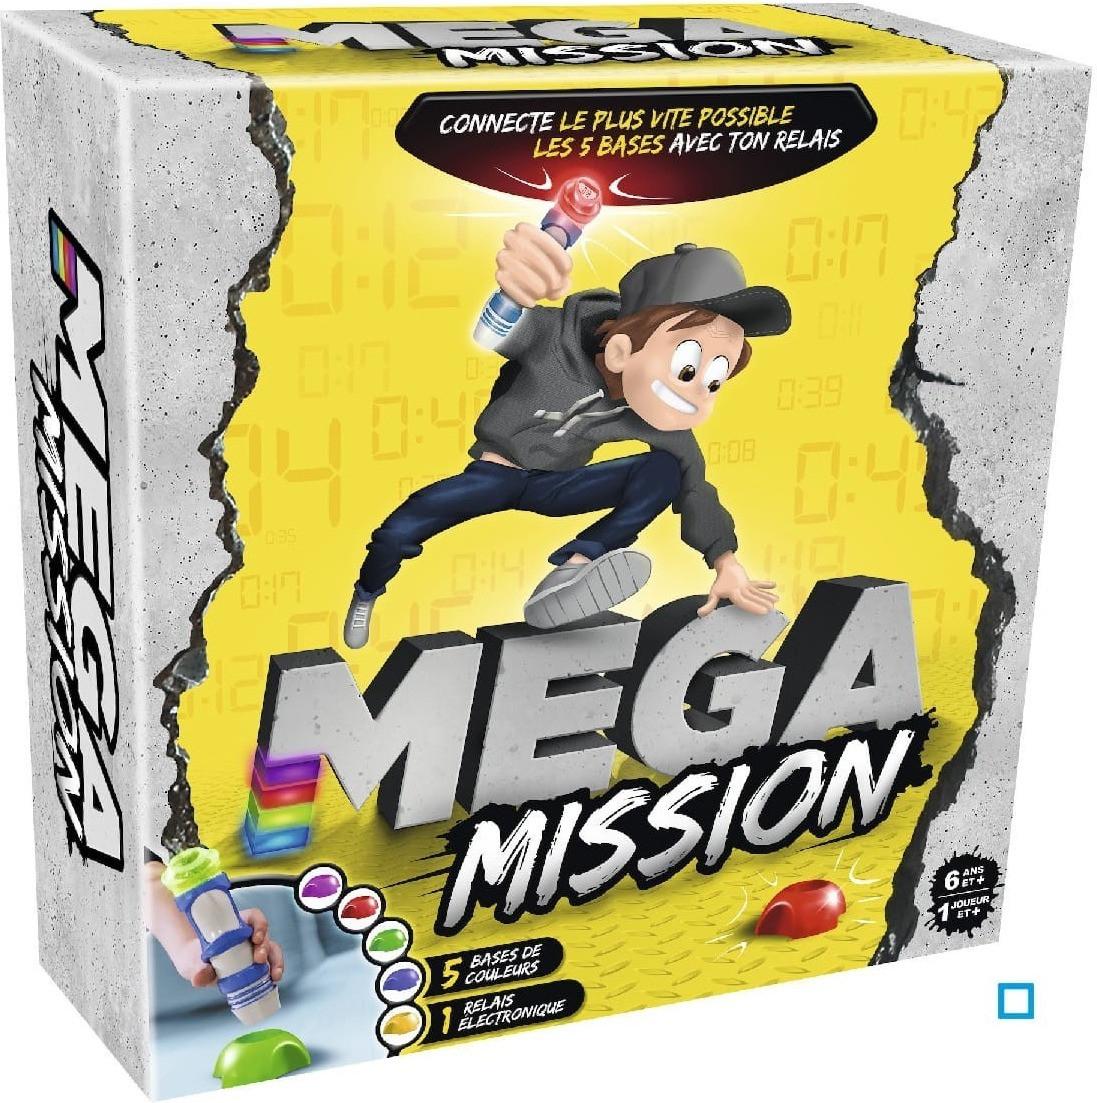 Jusqu'à 80% de réduction sur une sélection de jouets et jeux de société - Ex : Dujardin Méga Mission